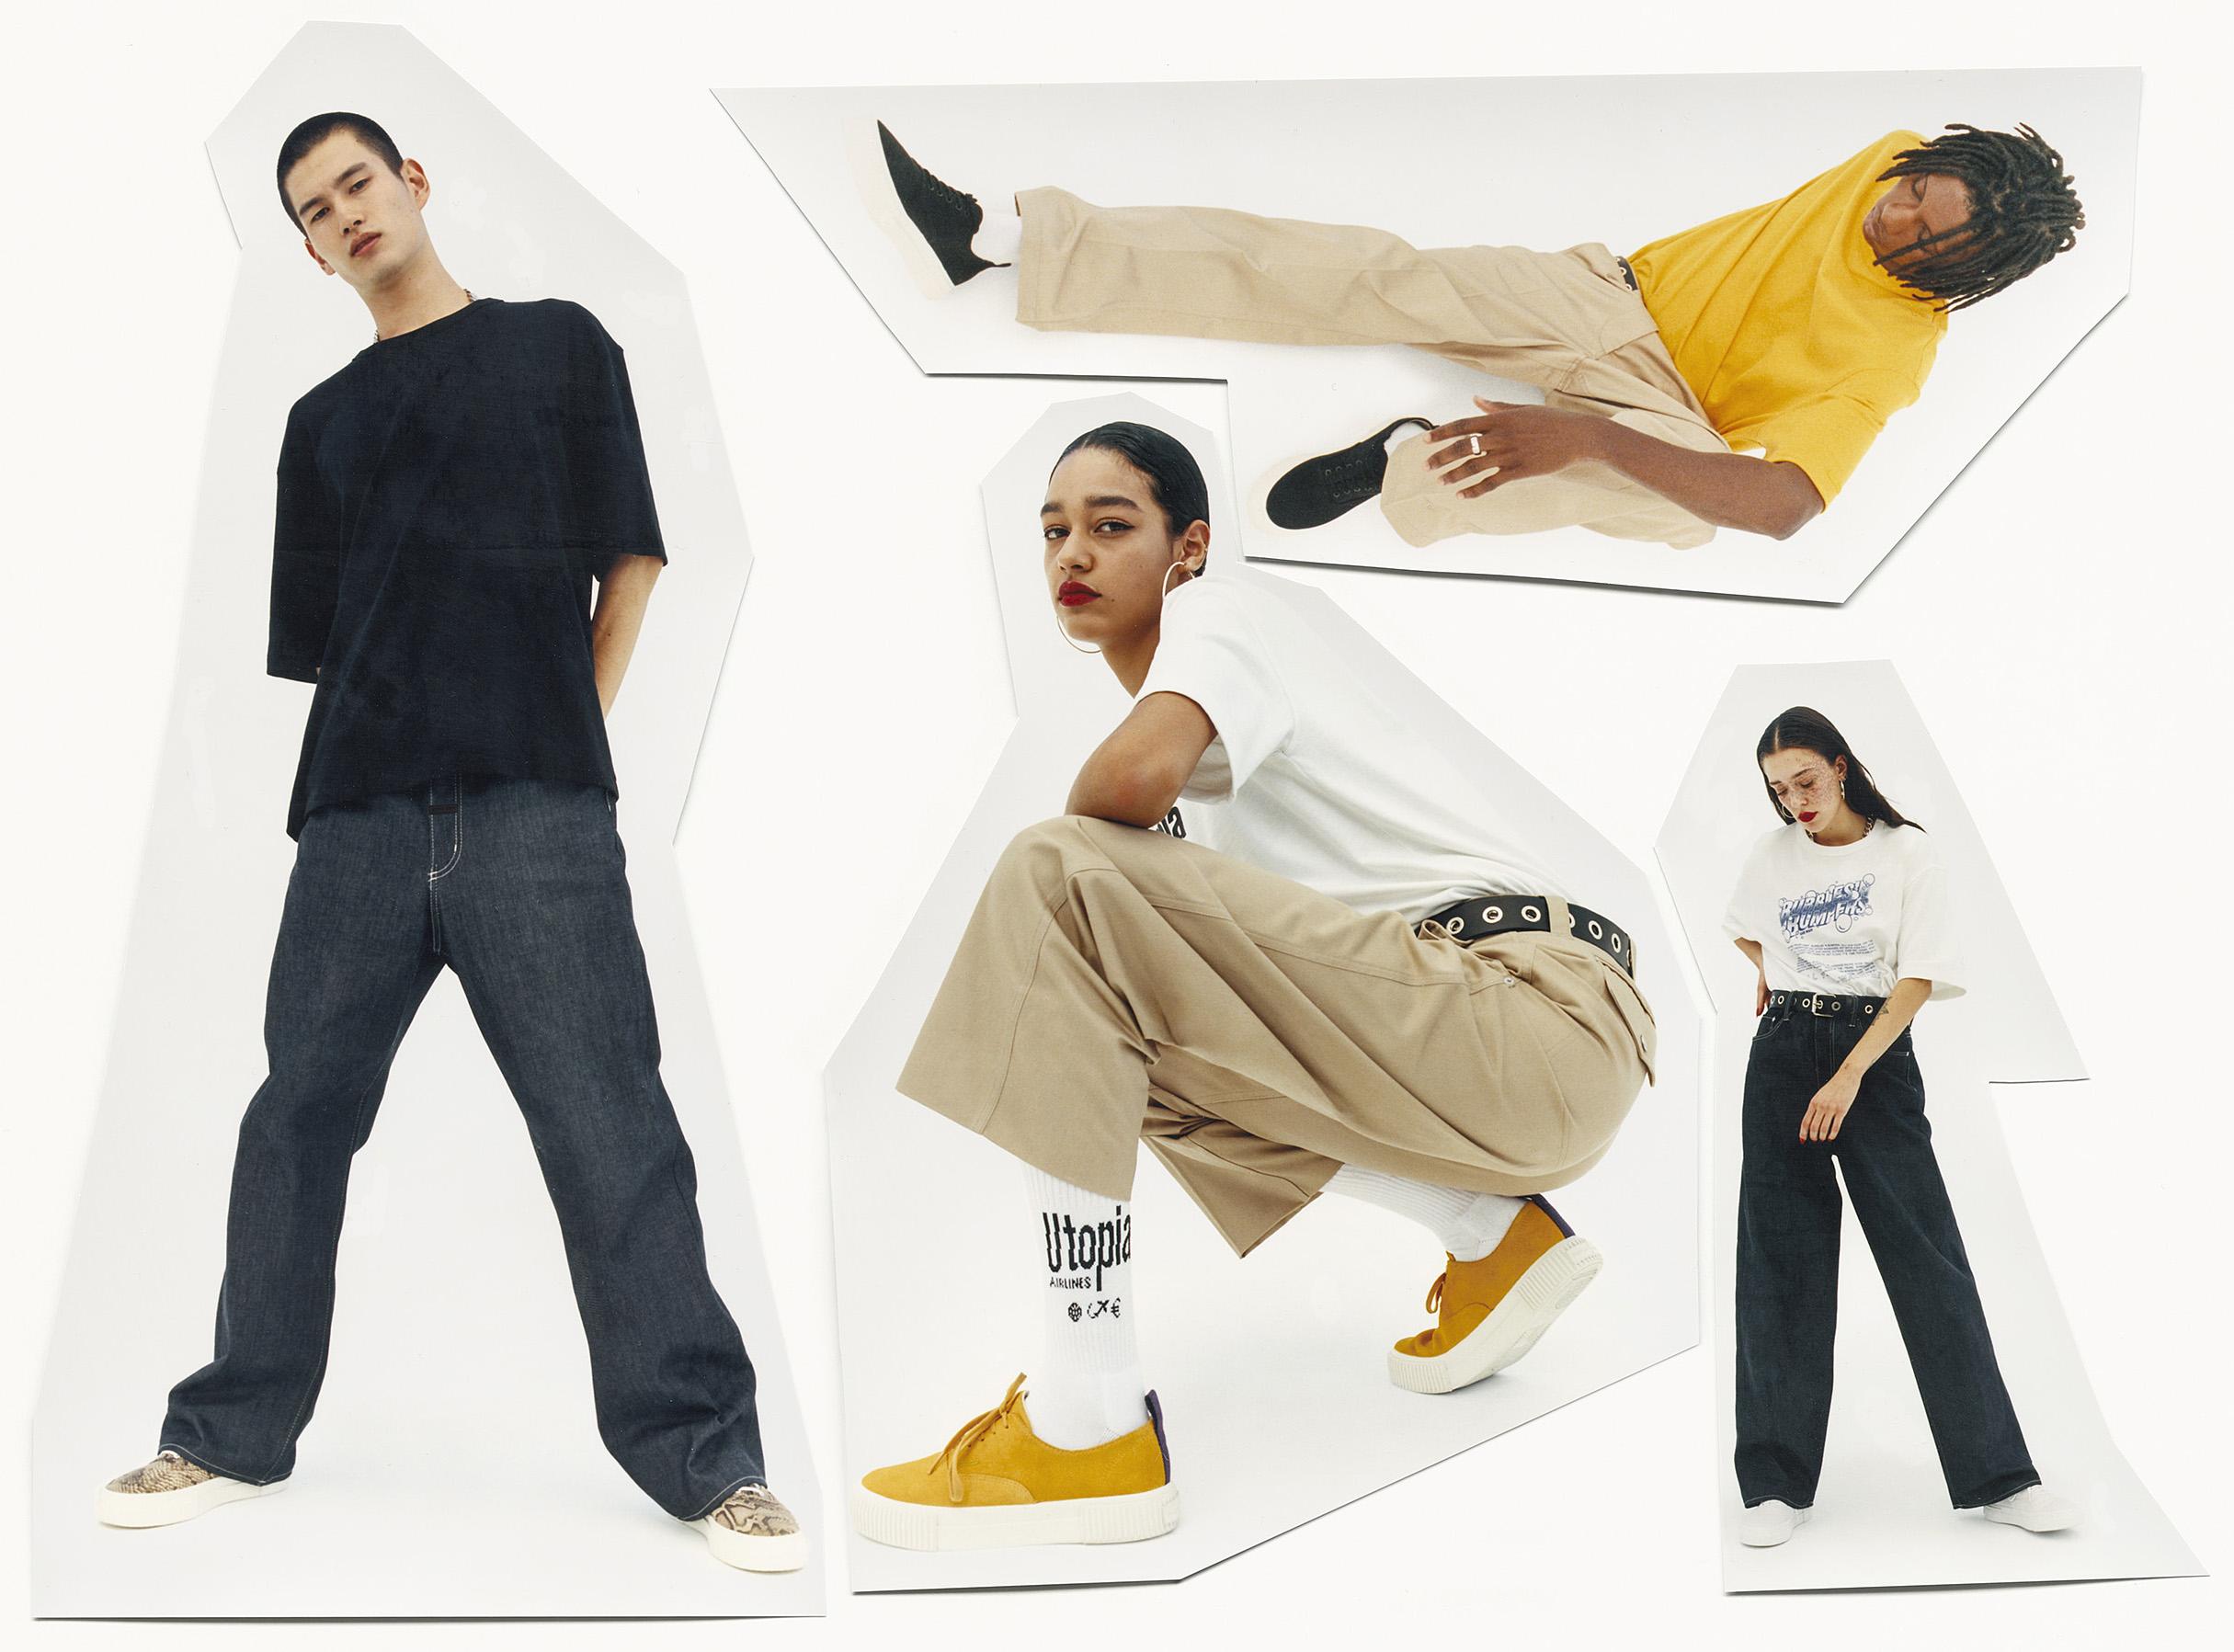 New kids on the block – новата колаборация на EYTYS и H&M